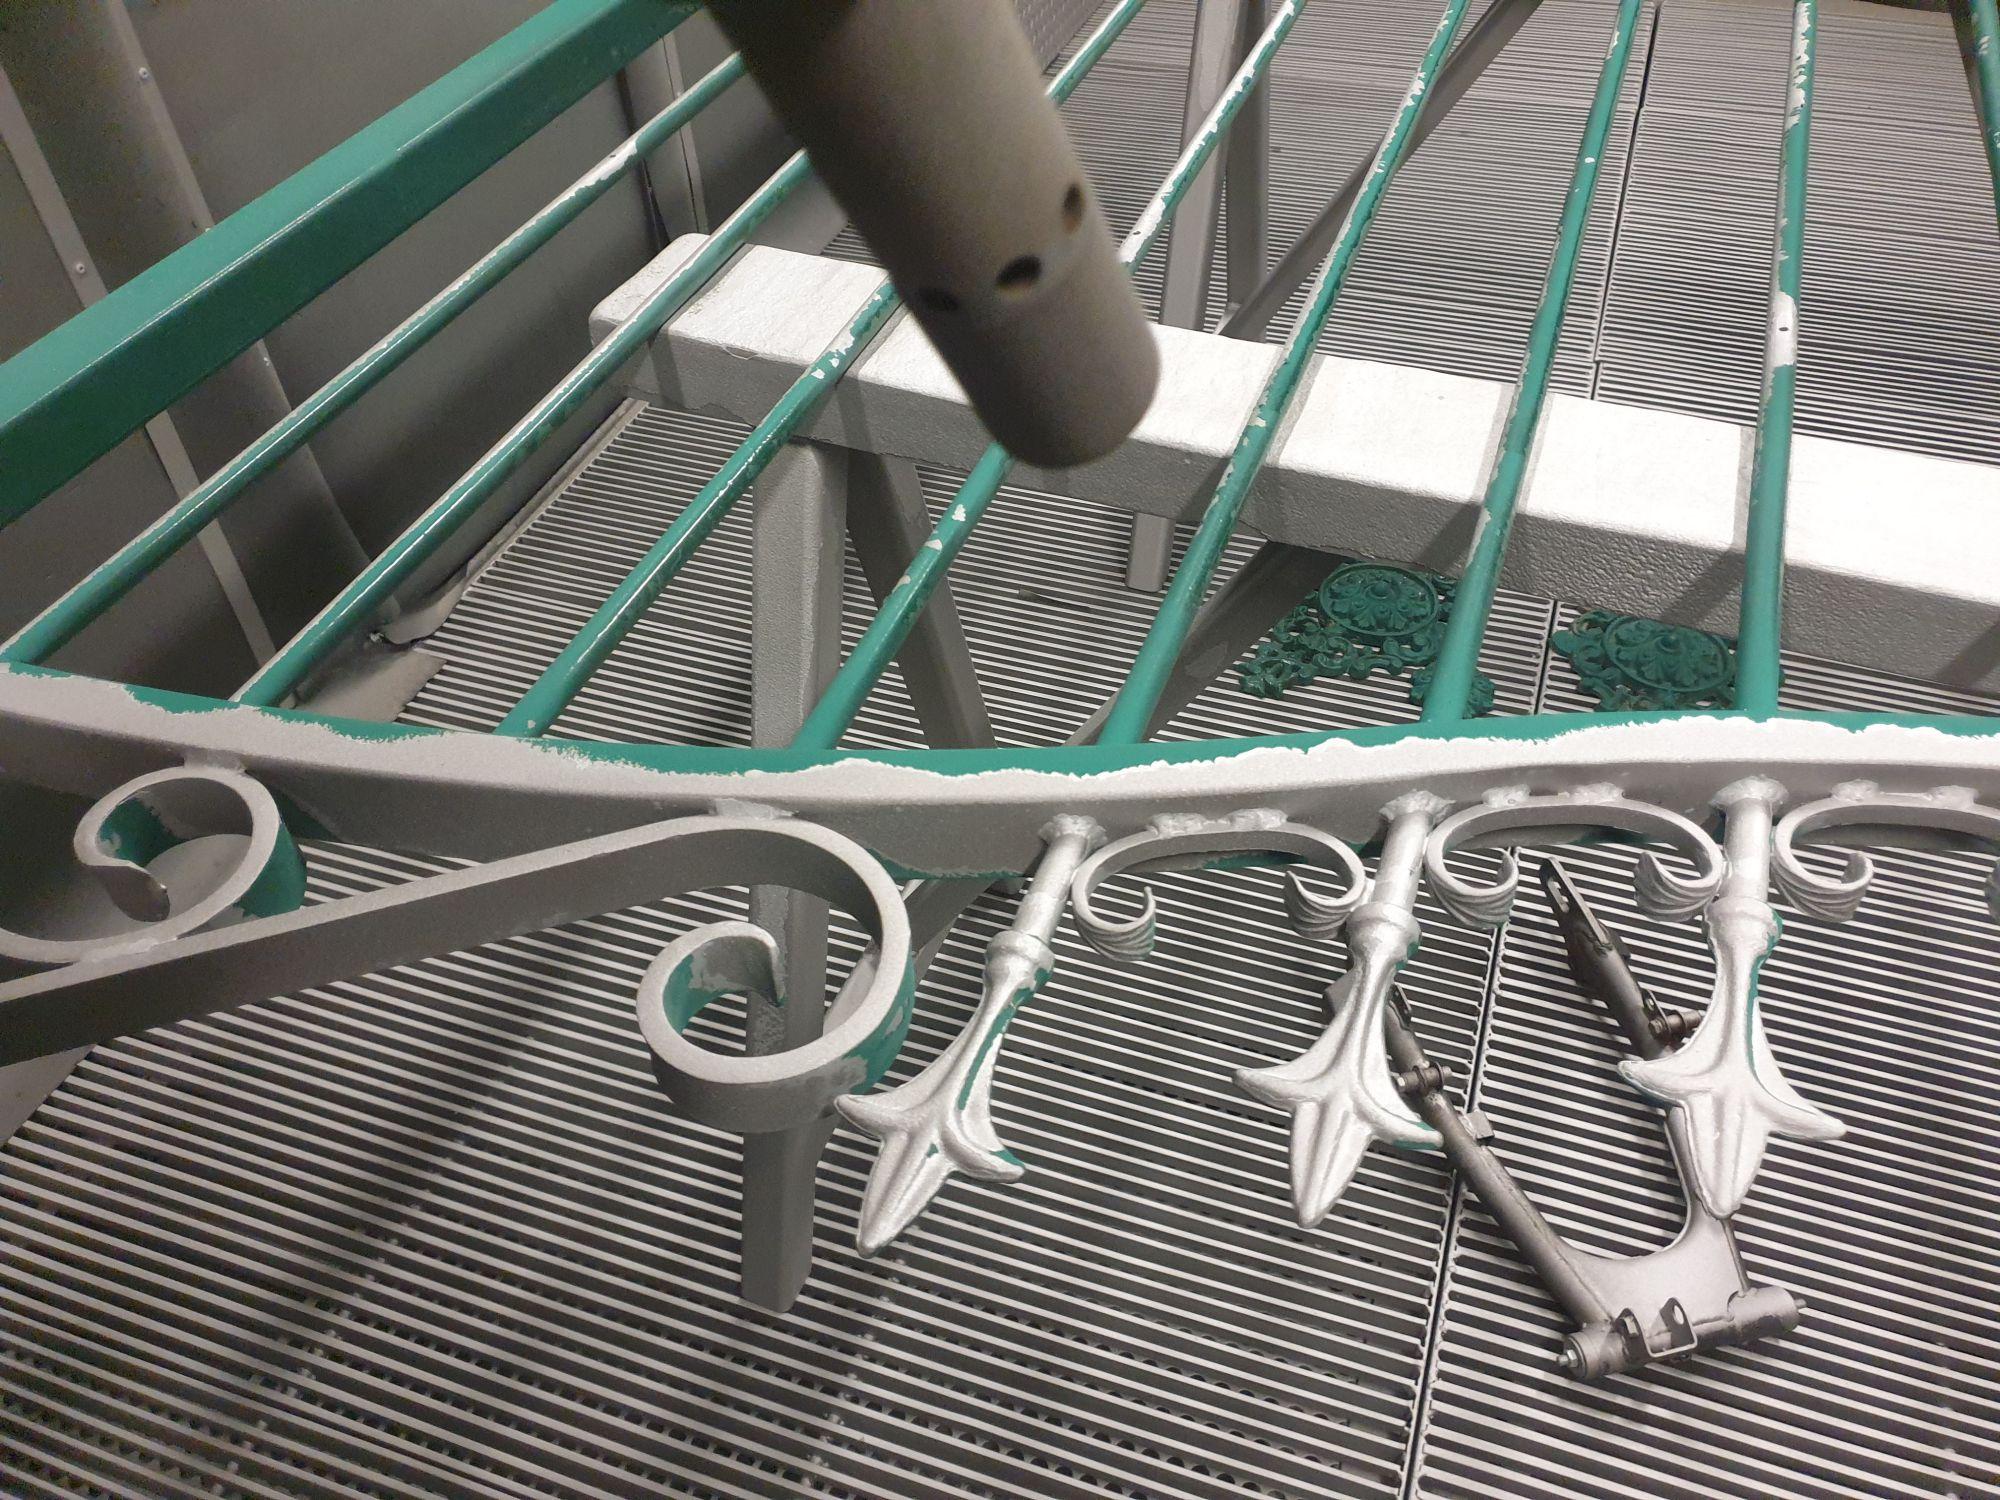 Décapage par sablage avant métallisation - rénovation métal 79, 85,17